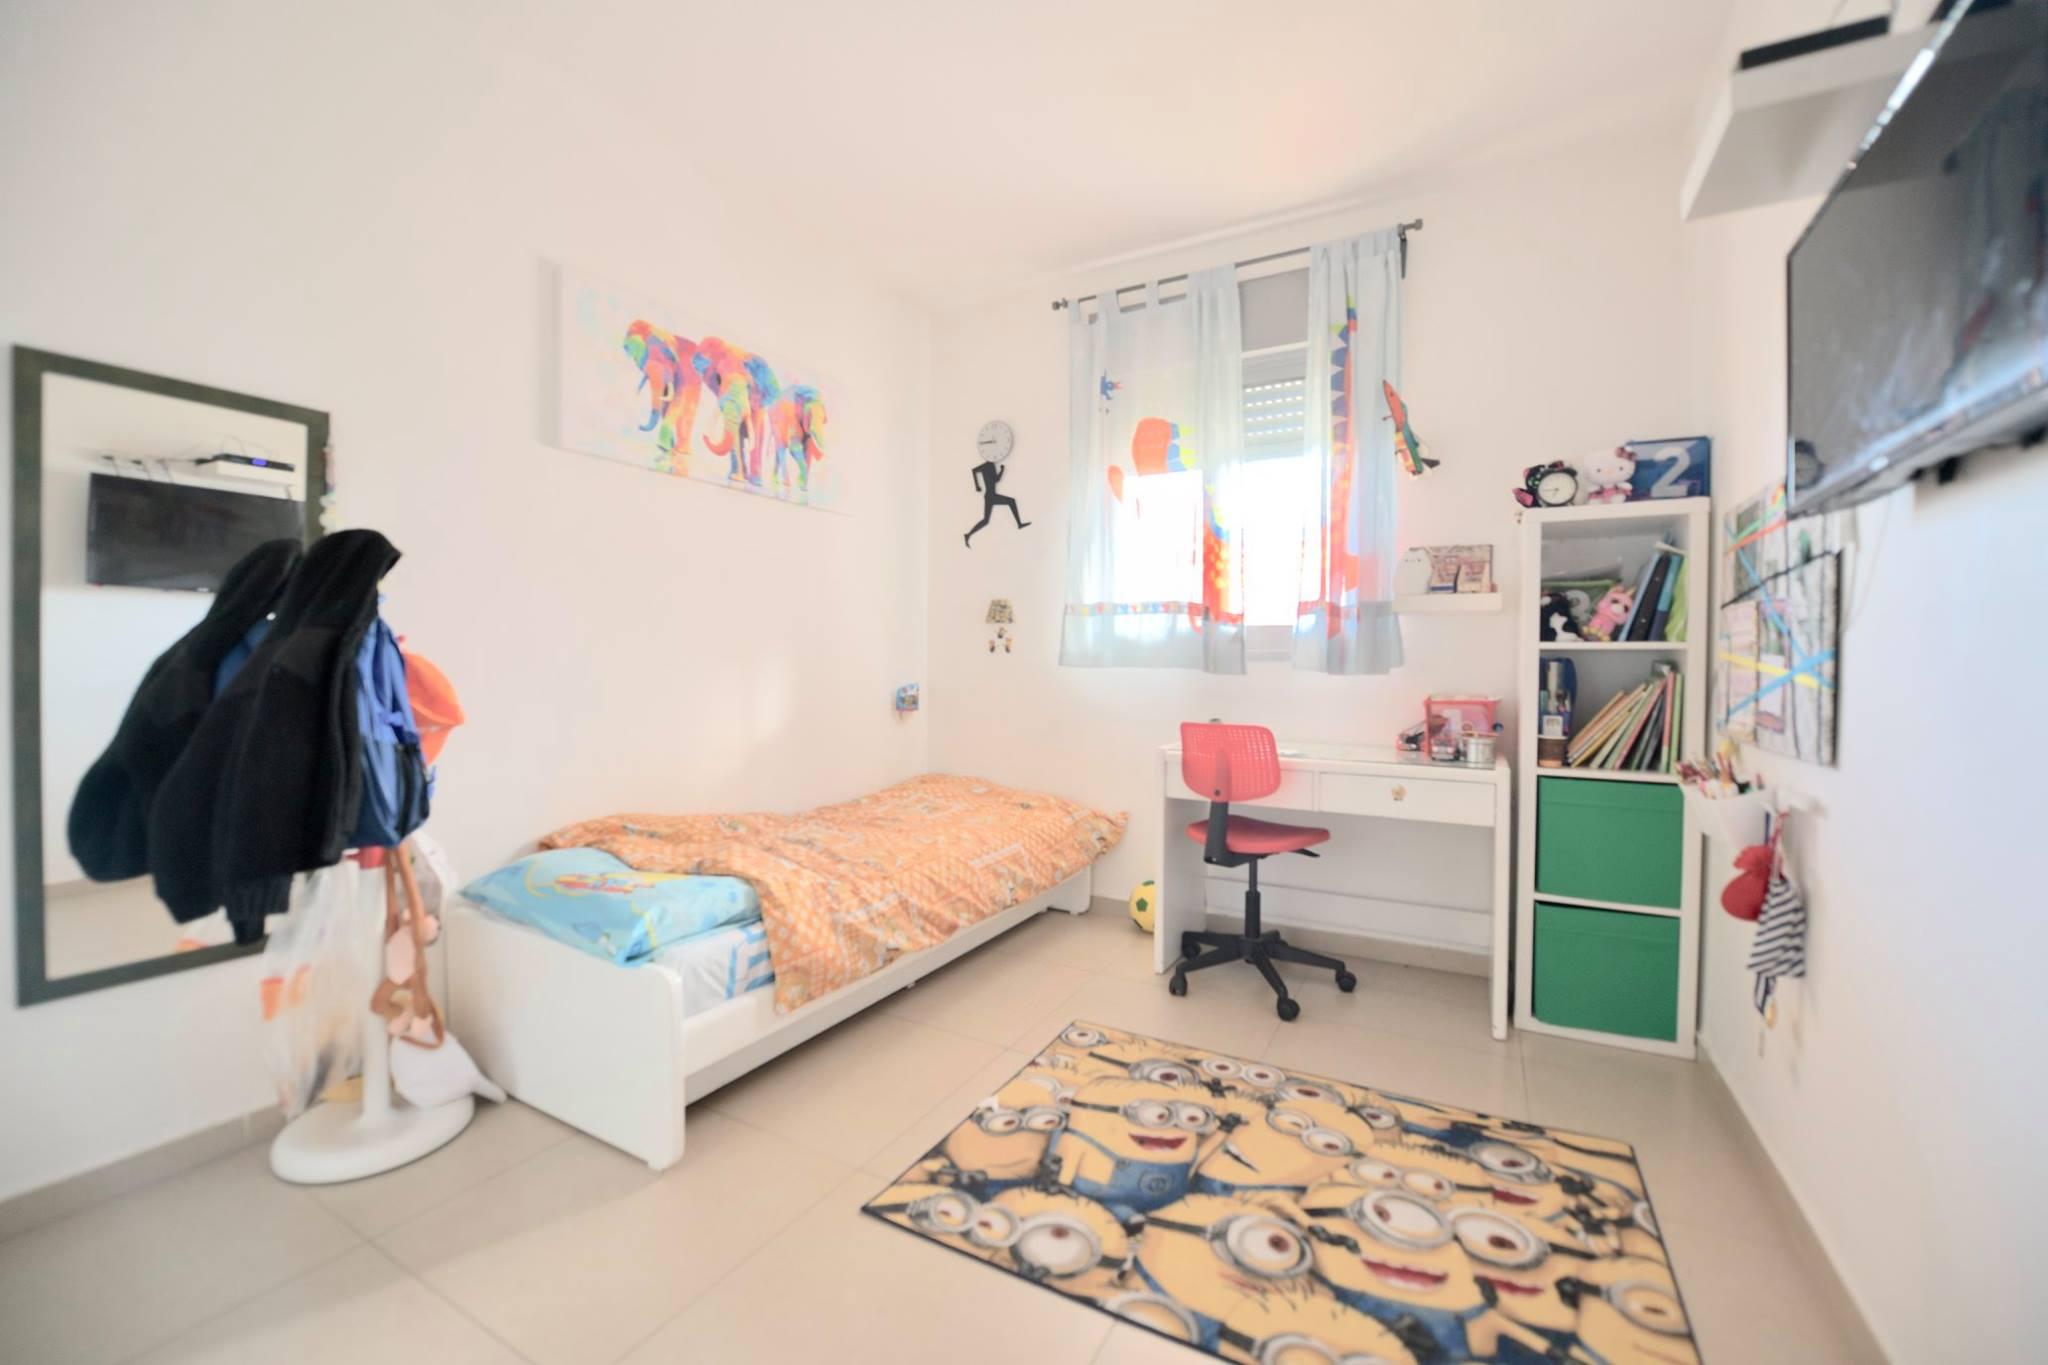 דירת 5 חדרים במקס שיין רחובות (13)